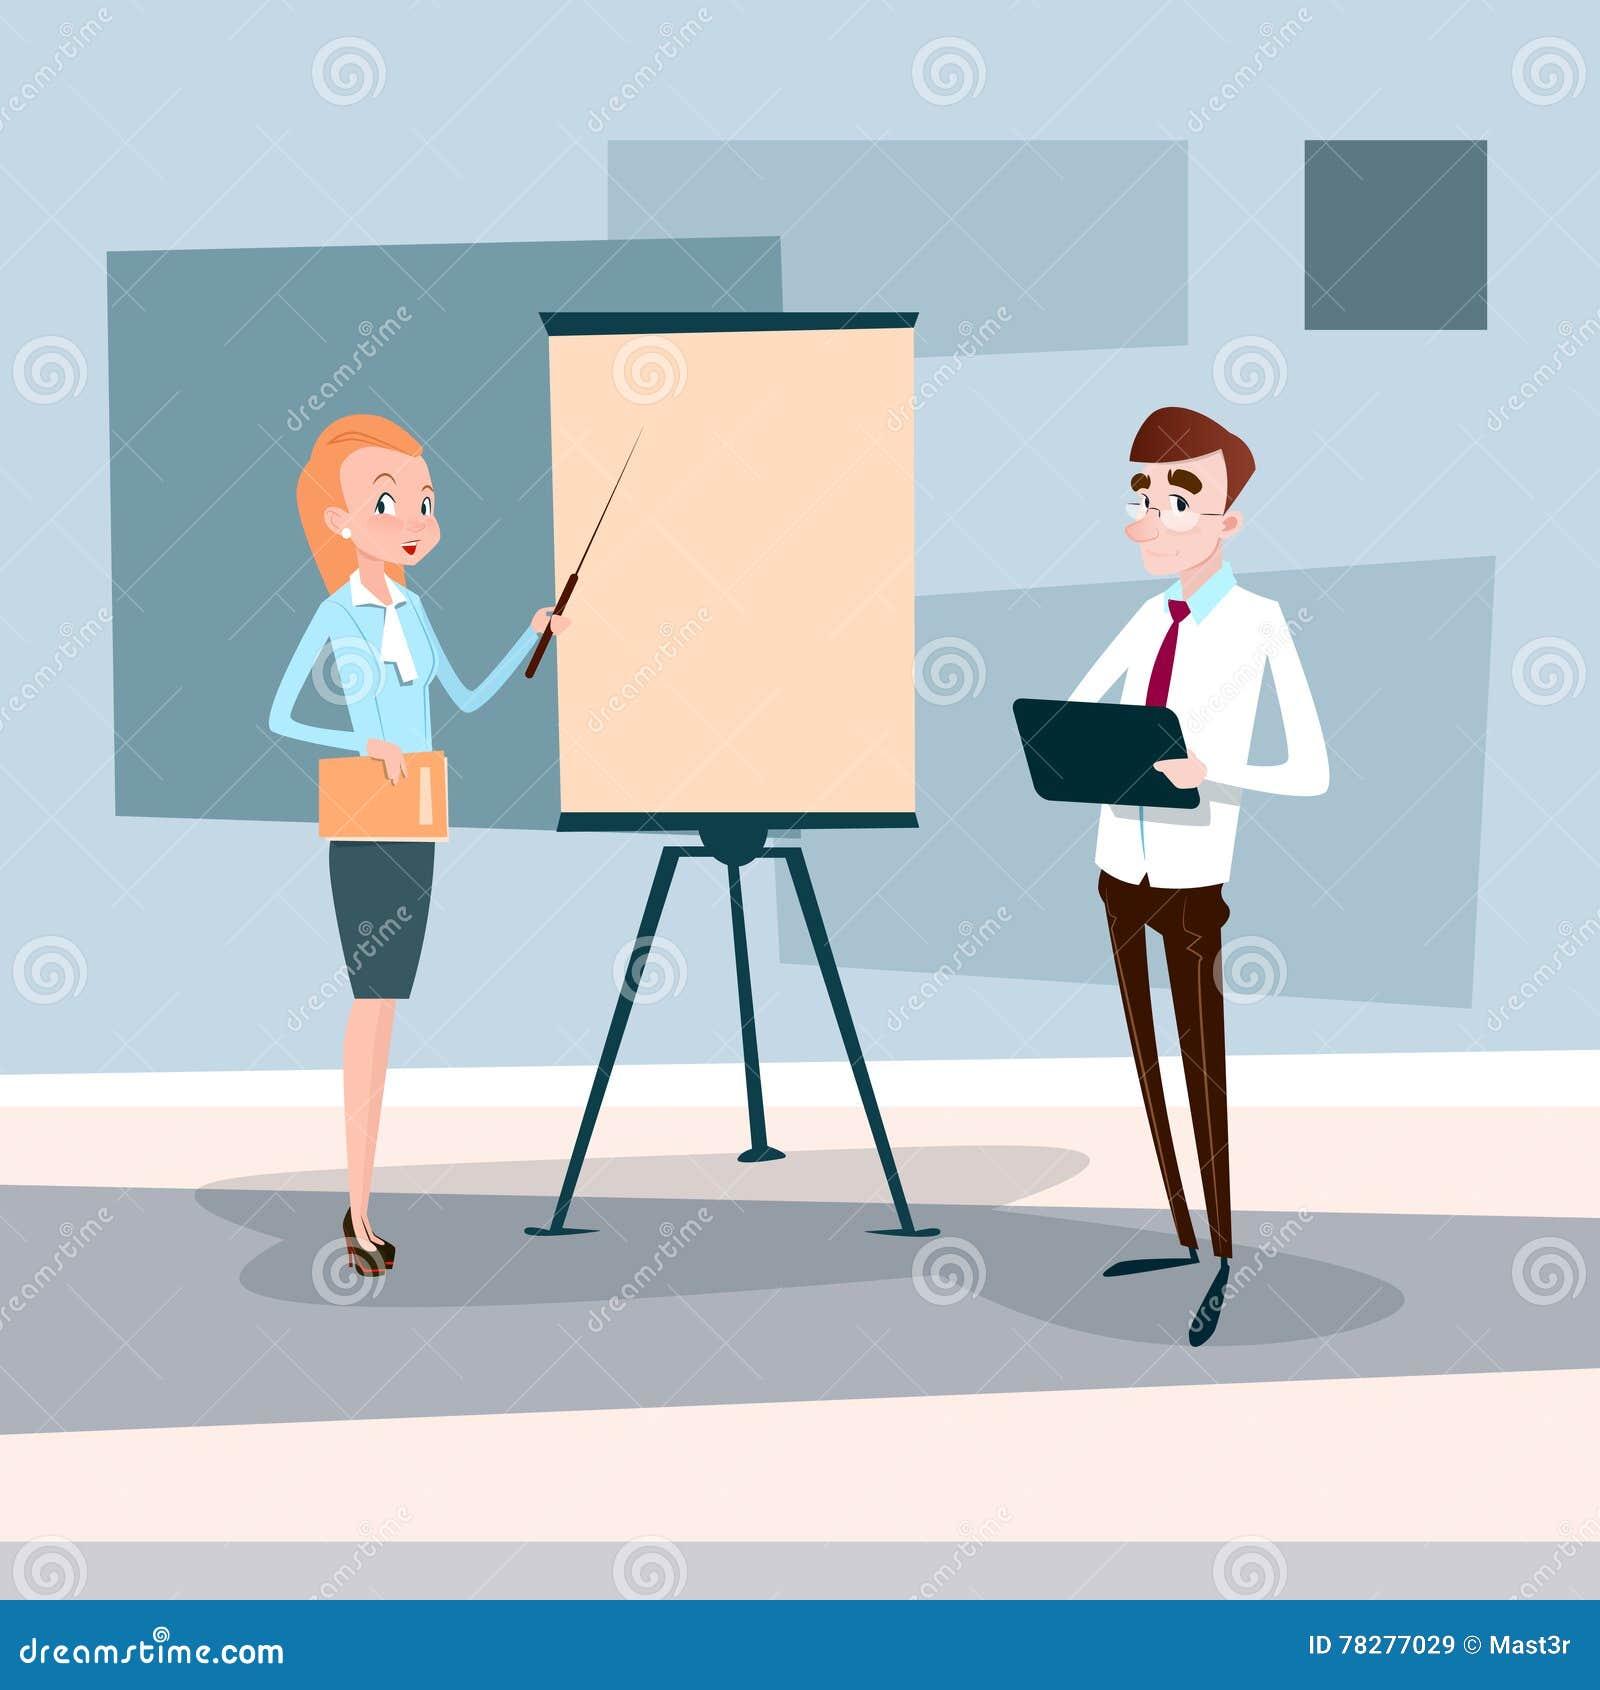 För Team With Flip Chart Seminar för affärsfolk presentation för idékläckning för konferens utbildning